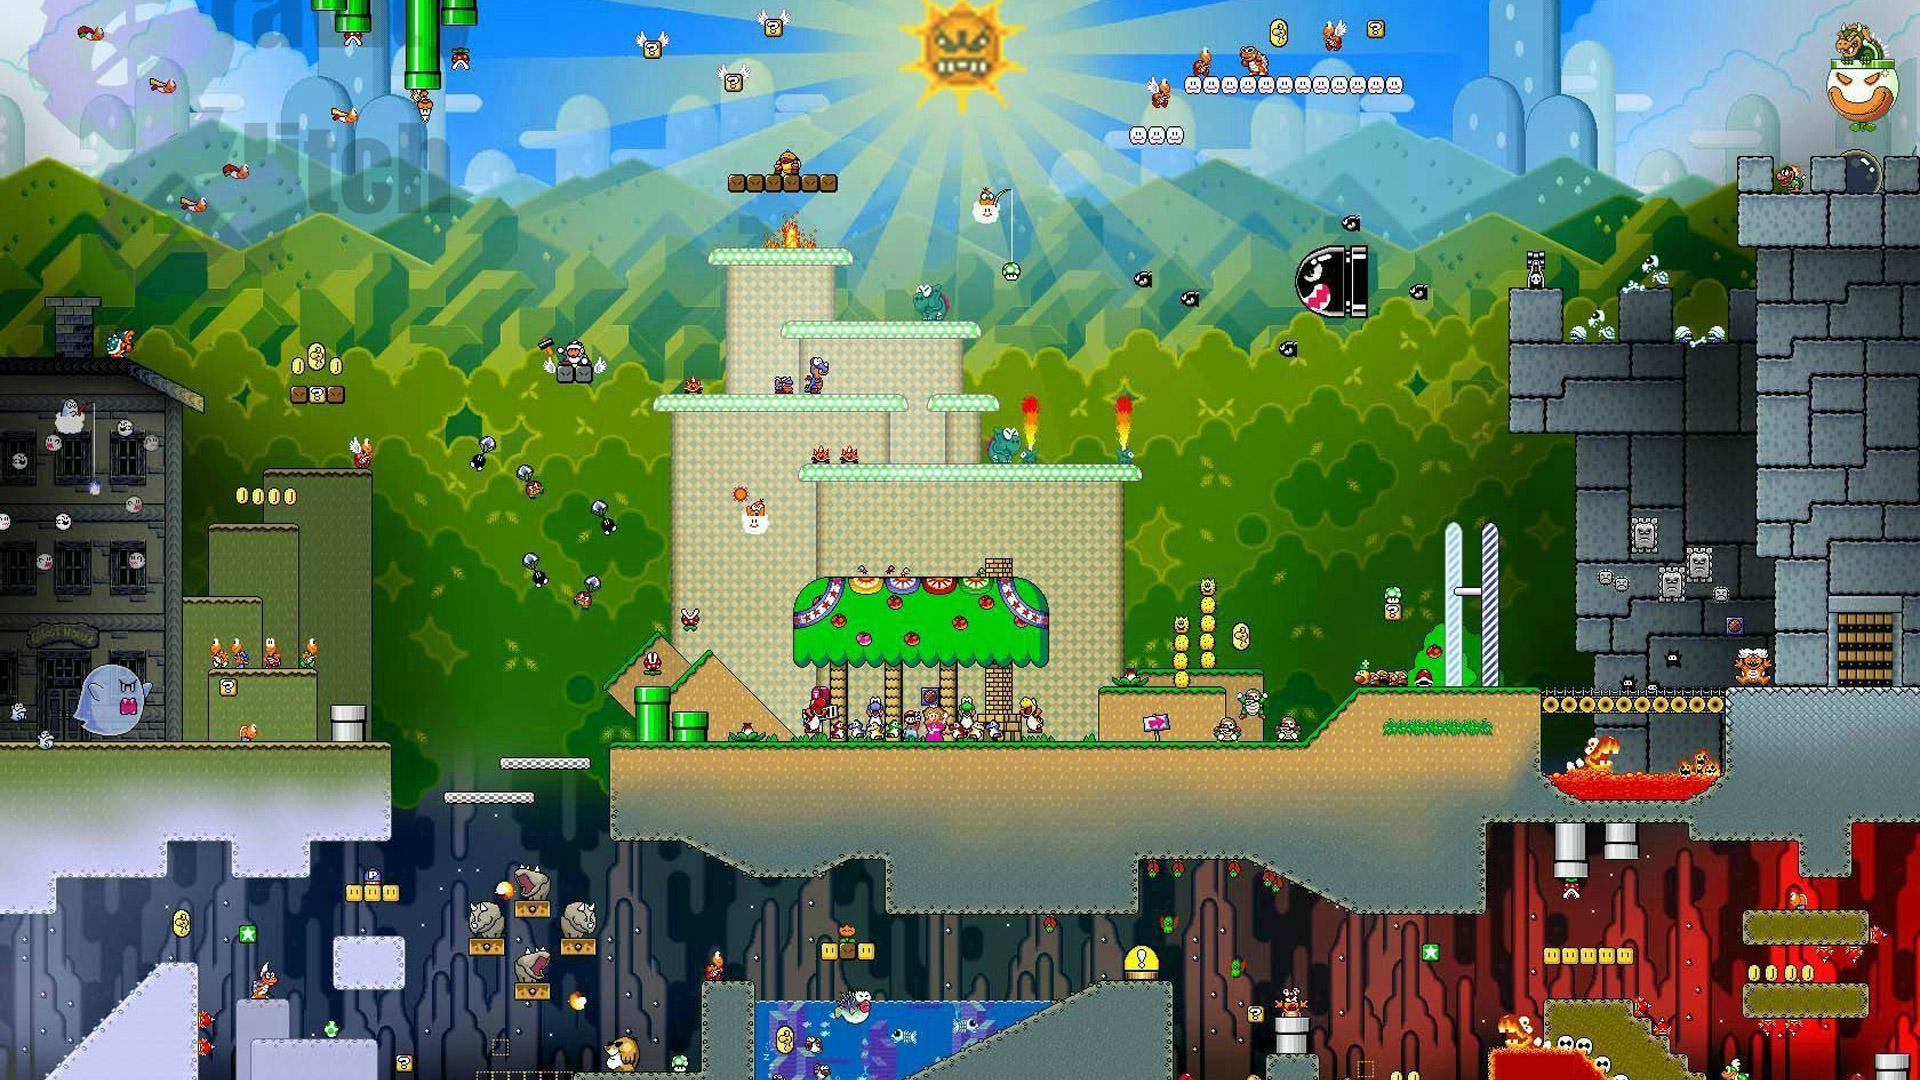 Free Super Mario World Wallpaper in 1920x1080